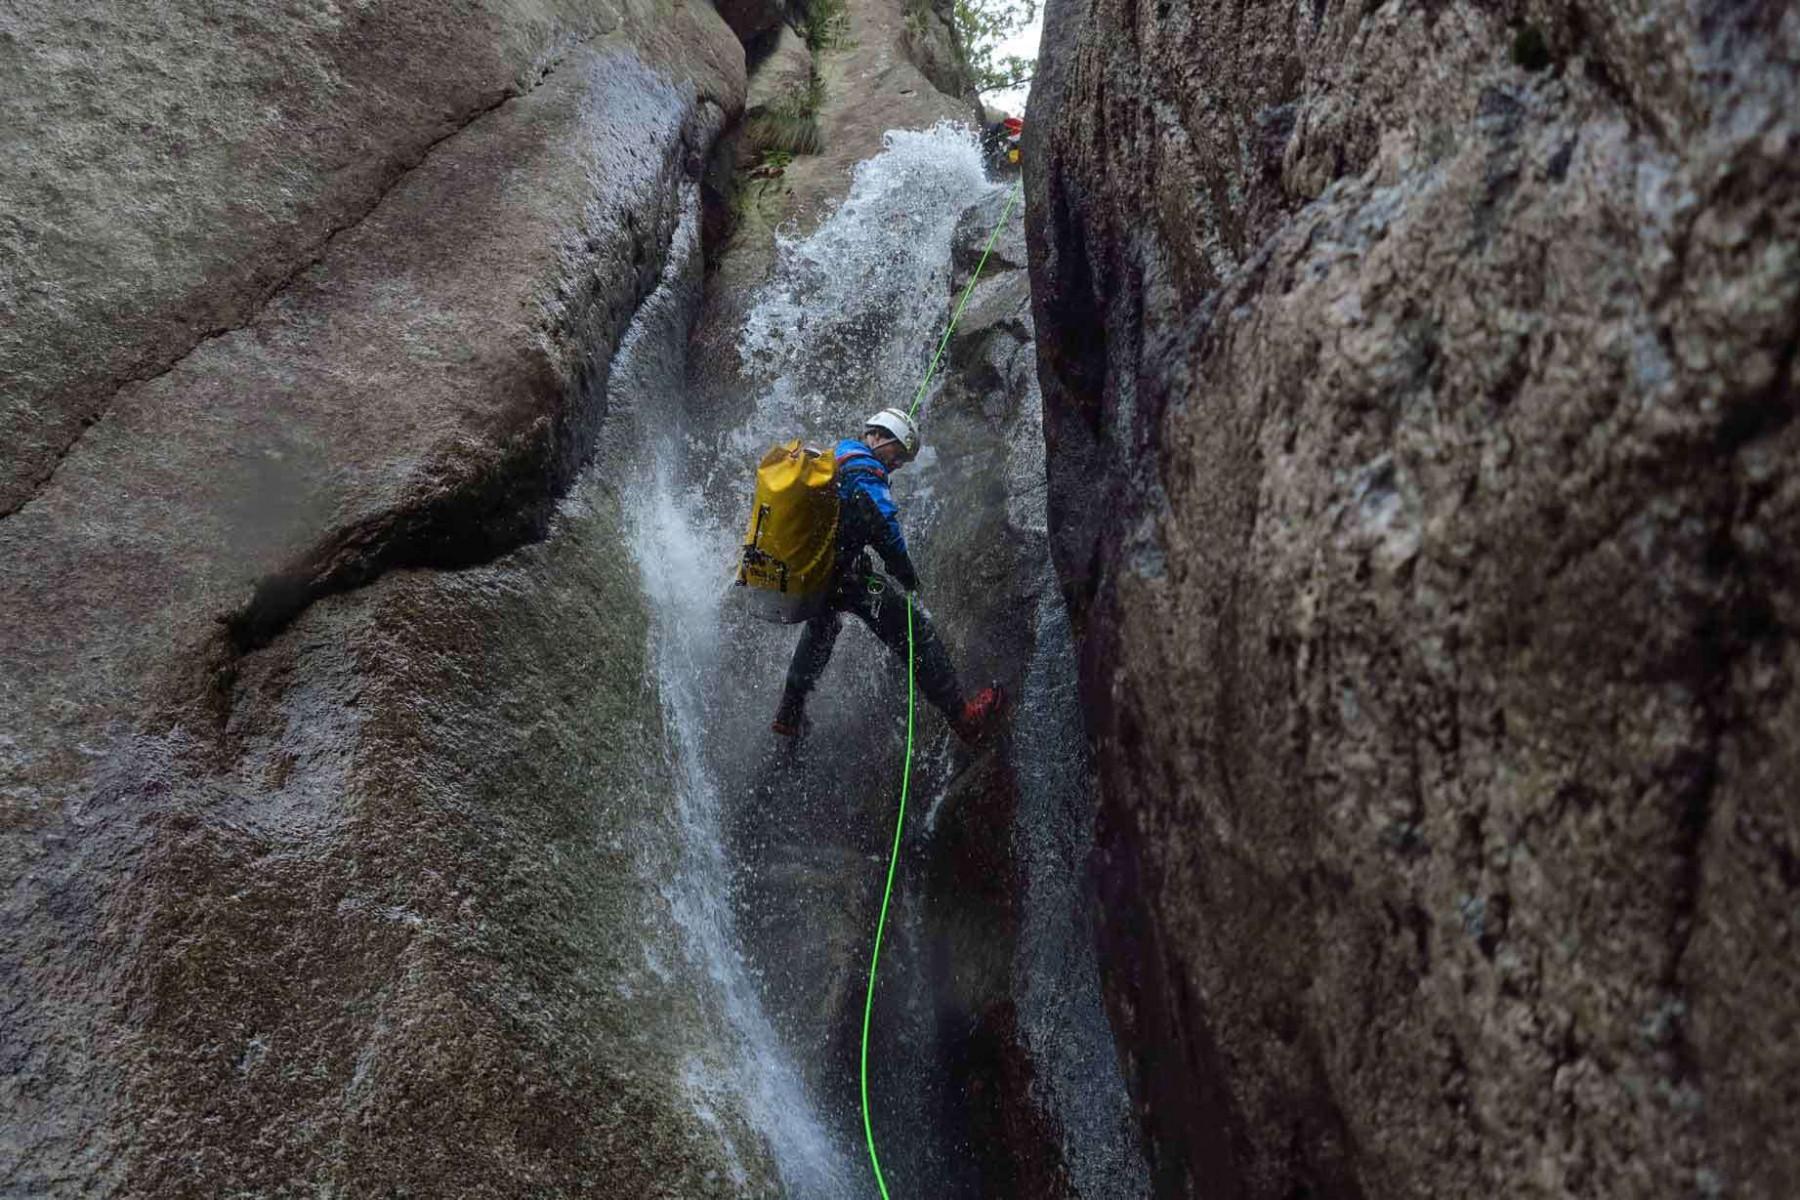 Giornata di Canyoning con grigliata e attività con gli asini a Piode Valsesia